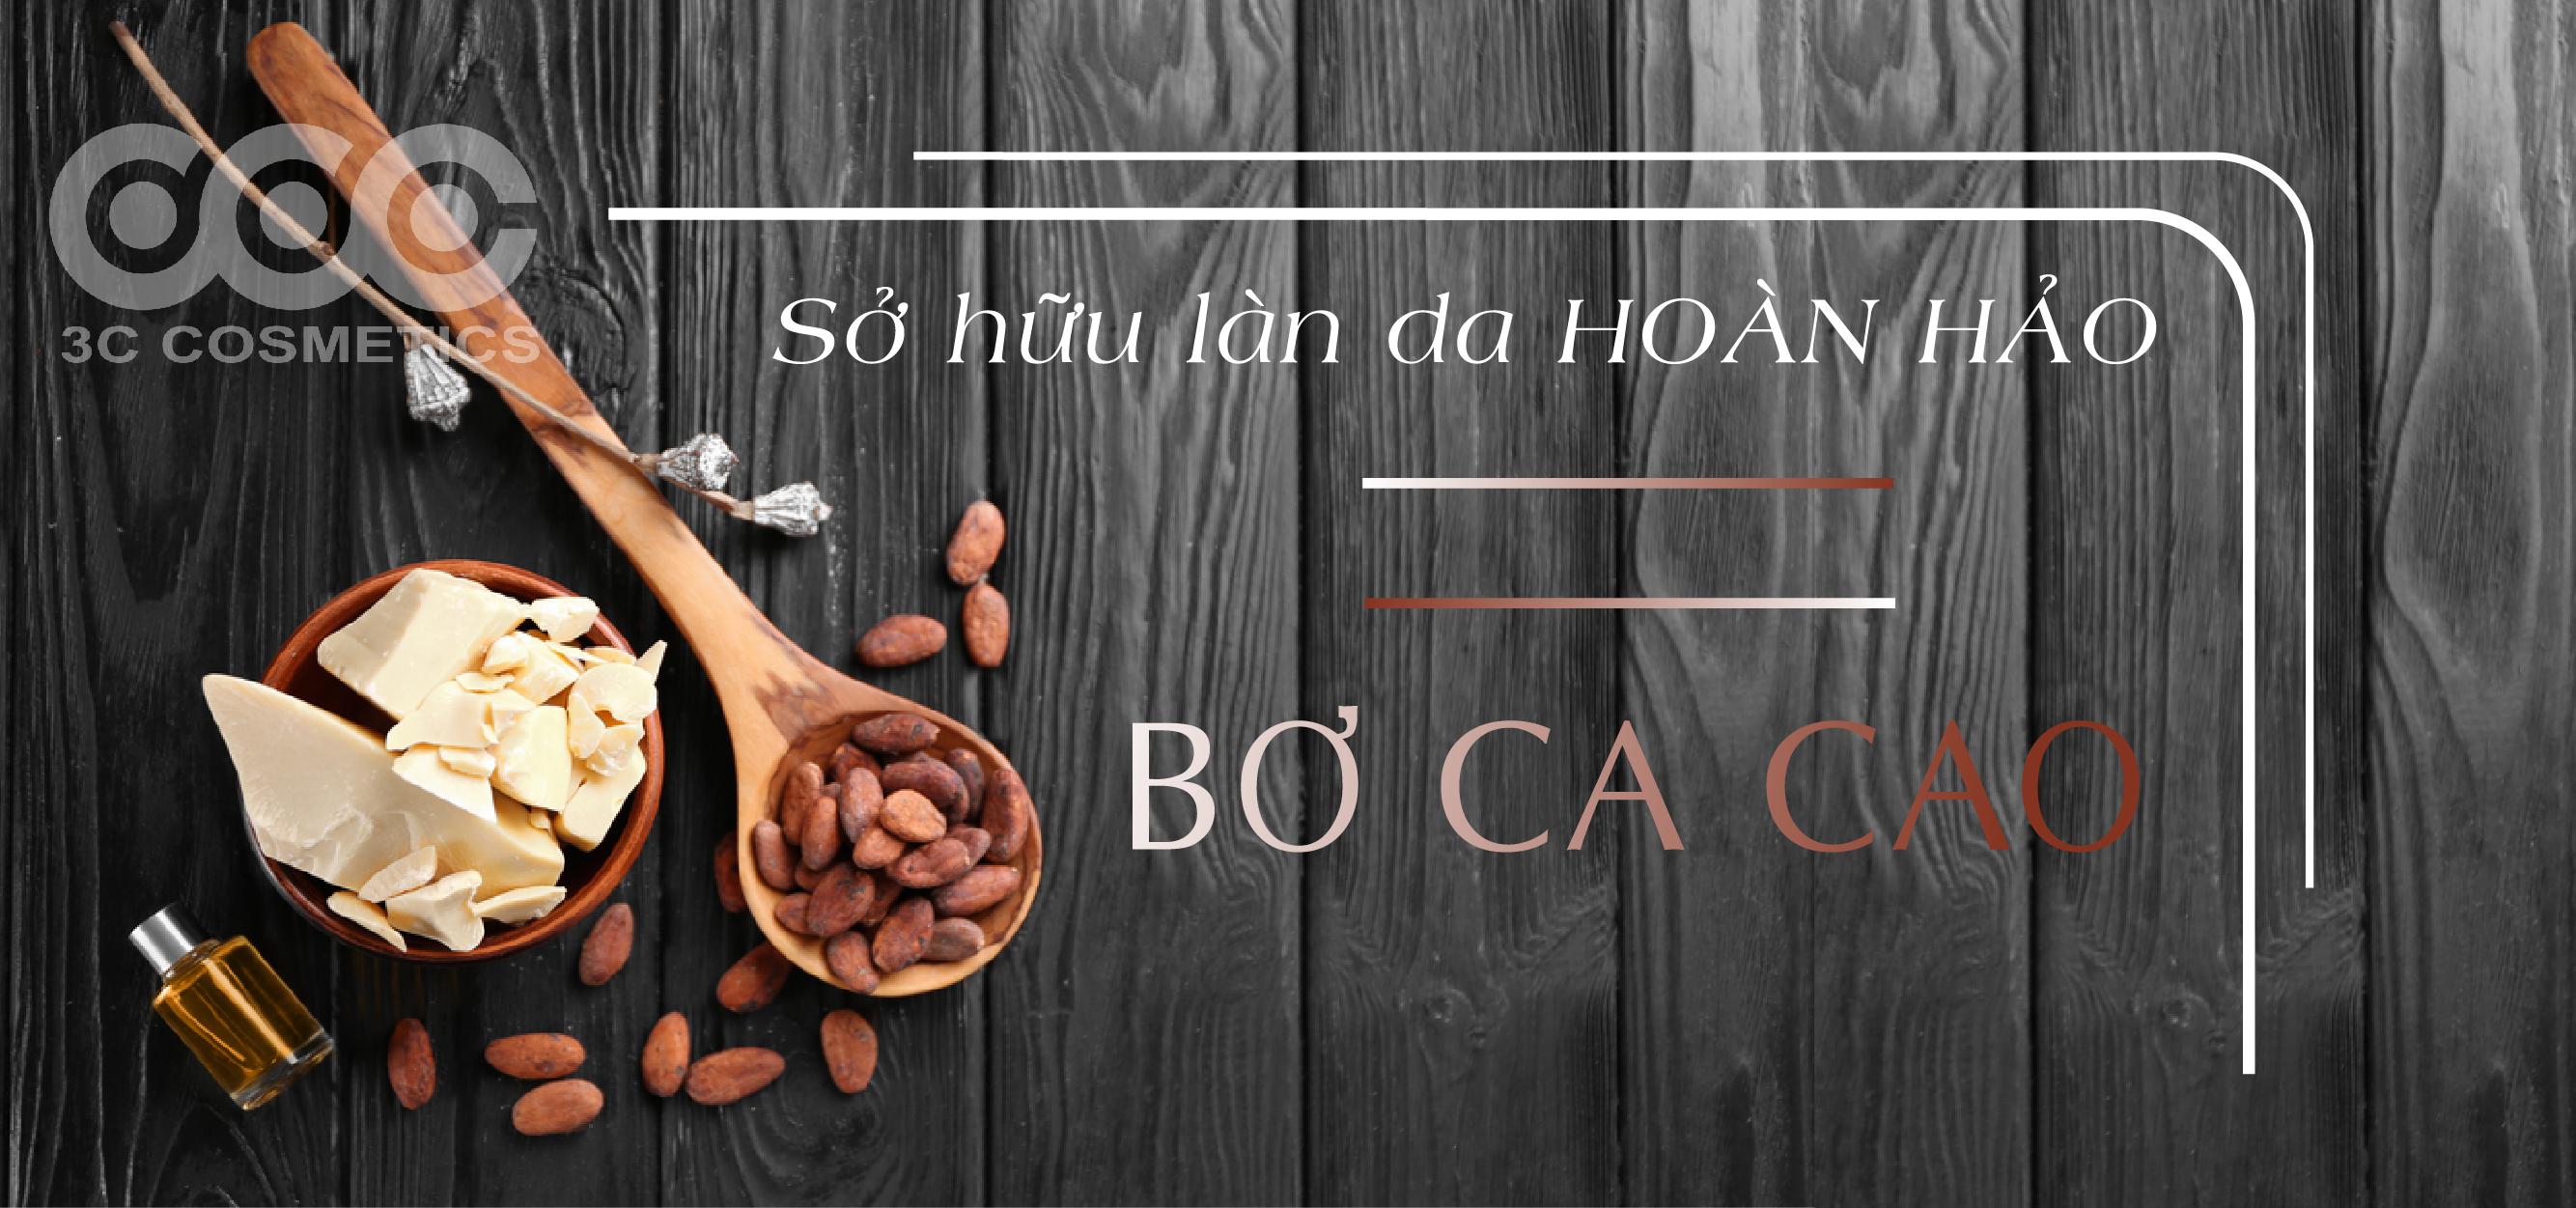 Cách sử dụng bơ cacao làm đẹp